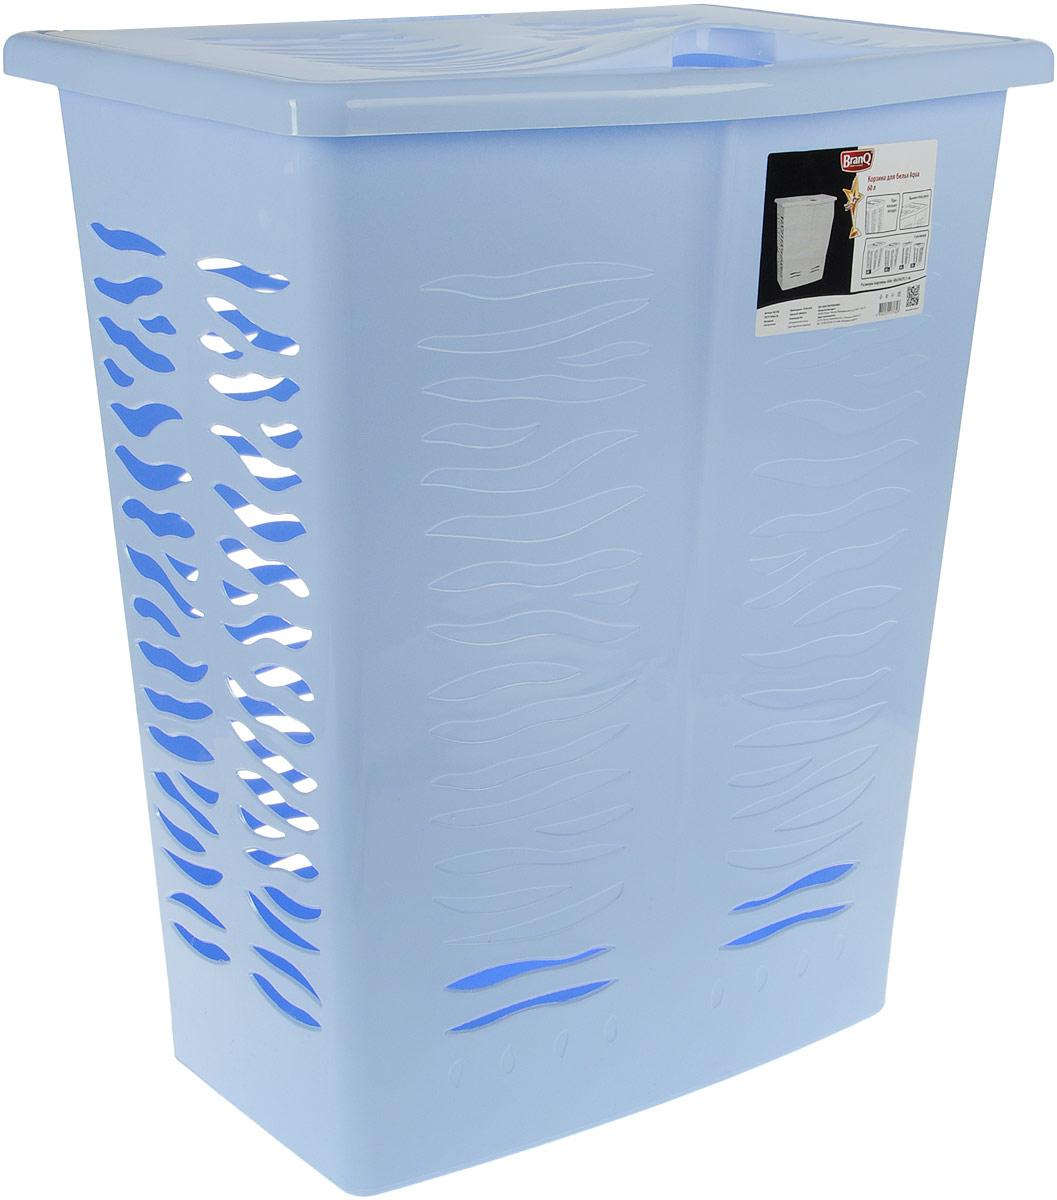 Корзина для белья BranQ Aqua, цвет: голубой, 60 лBQ1708ГЛПКорзина для белья BranQ Aqua изготовлена из прочного полипропилена и оформлена перфорированными отверстиями, благодаря которым обеспечивается естественная вентиляция. Корзина оснащена крышкой и ручкой для переноски. На крышке имеется выемка для удобного открывания крышки. Такая корзина для белья прекрасно впишется в интерьер ванной комнаты.